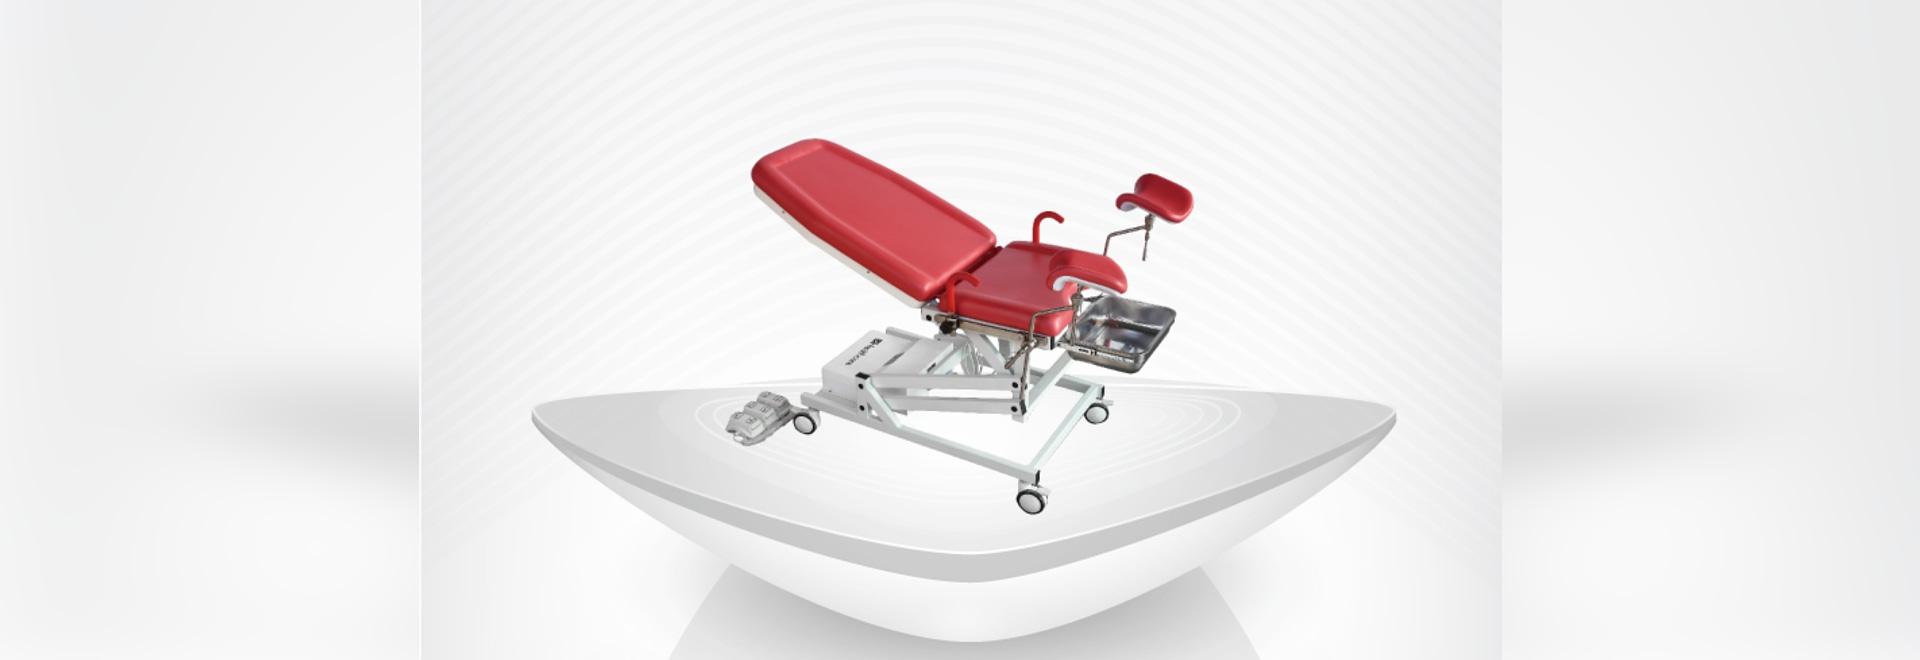 nouveaux chaise/réglage de la hauteur électriques de la livraison/avec le bassin et la roulette